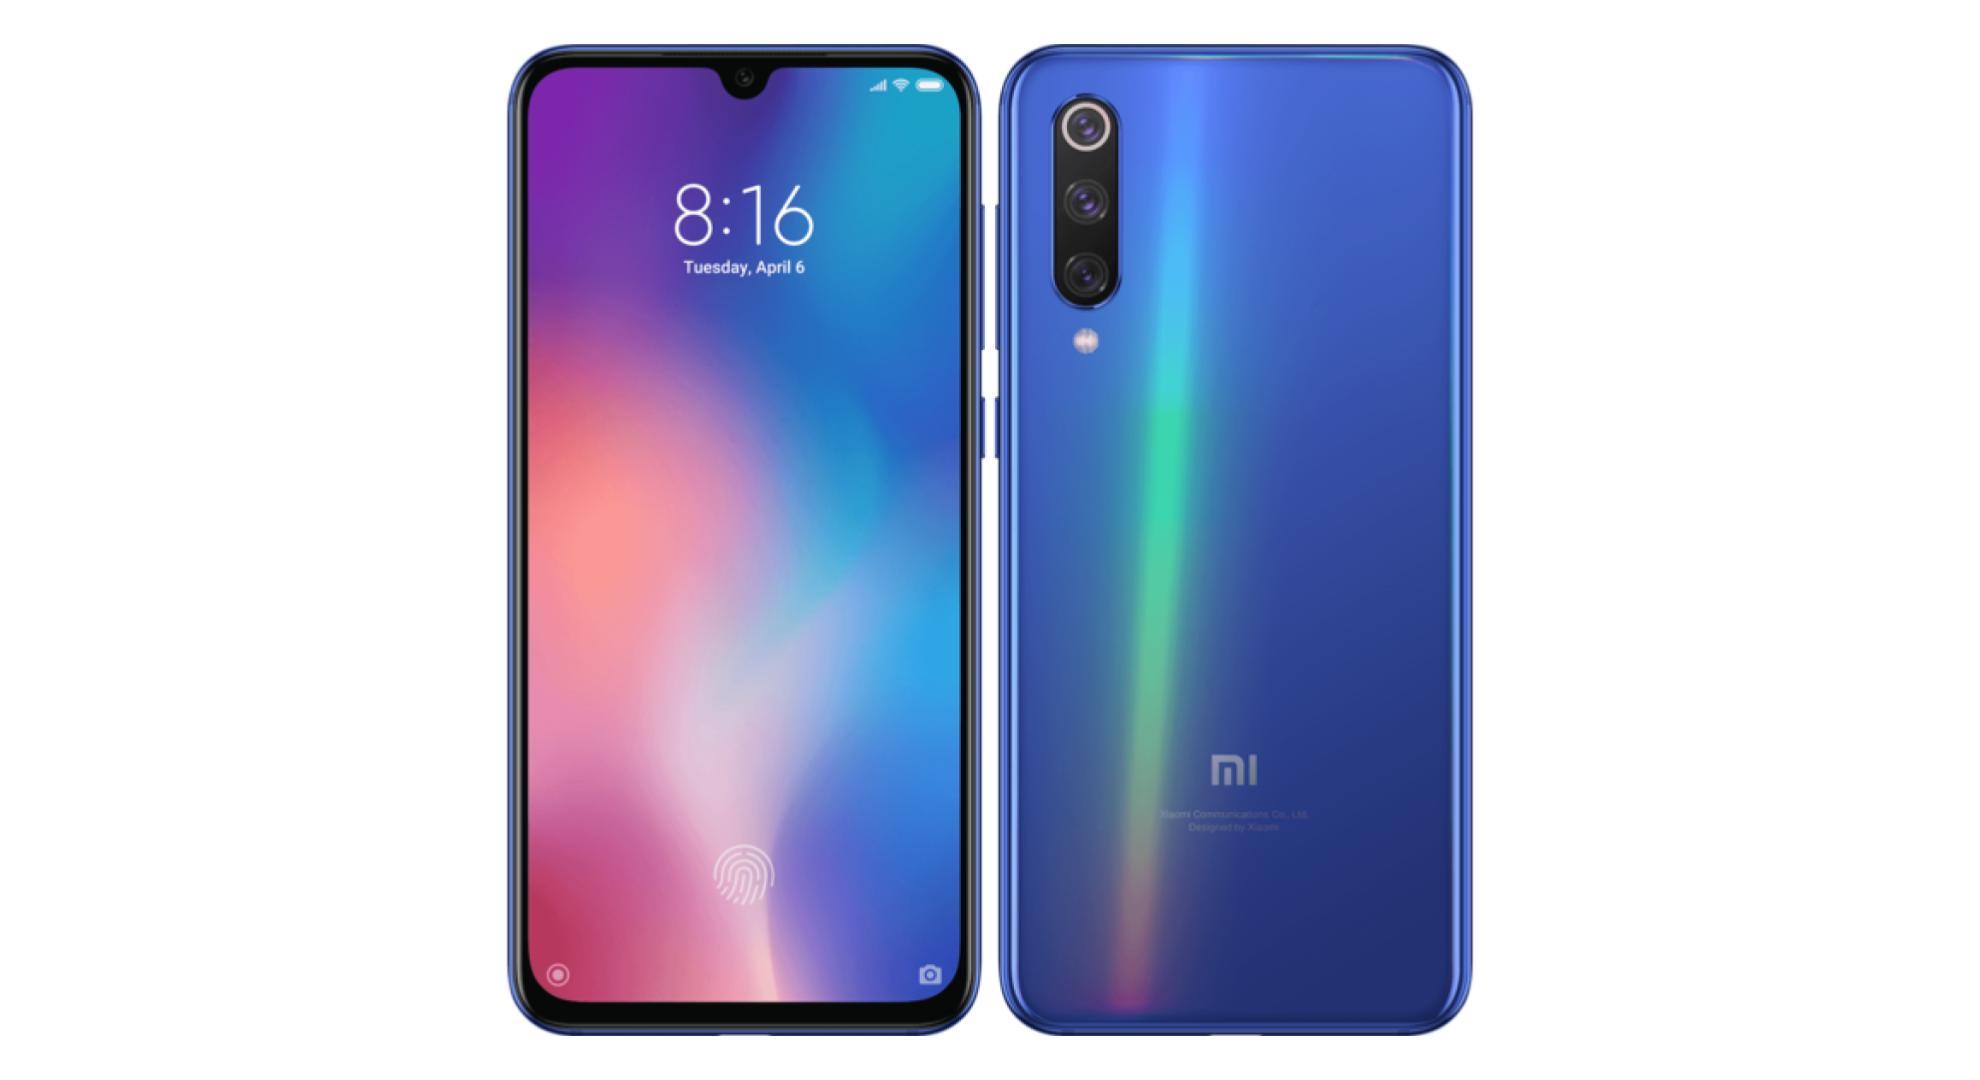 🔥 Bon plan : le nouveau Xiaomi Mi 9 SE est à 260 euros au lieu de 369 euros